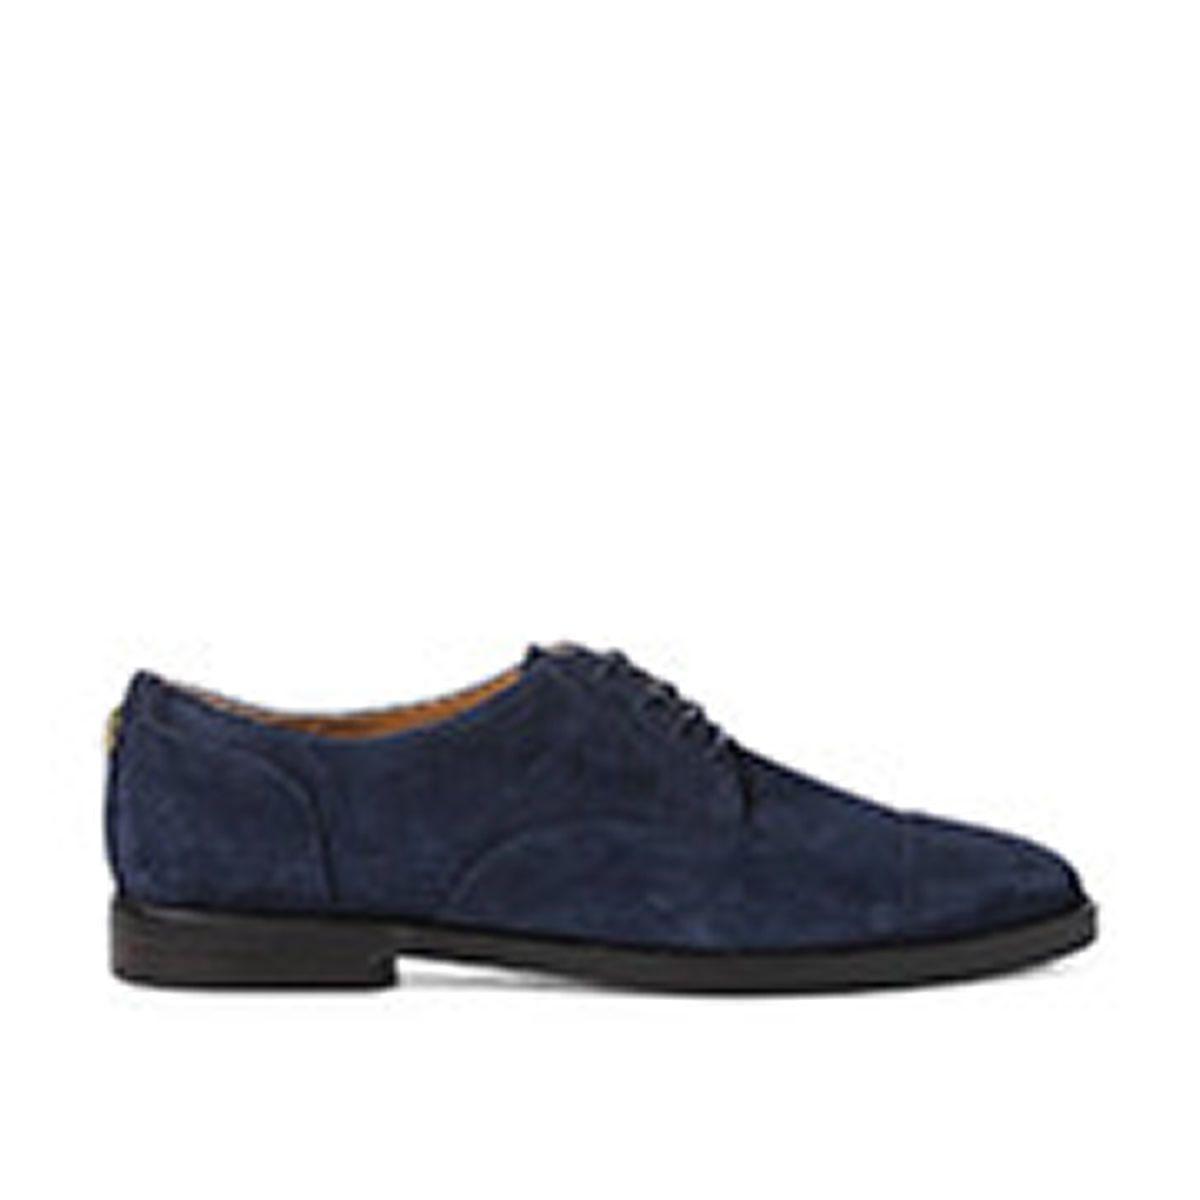 5033bde0cb3 Lauren by Ralph Lauren Shoes - Macy s